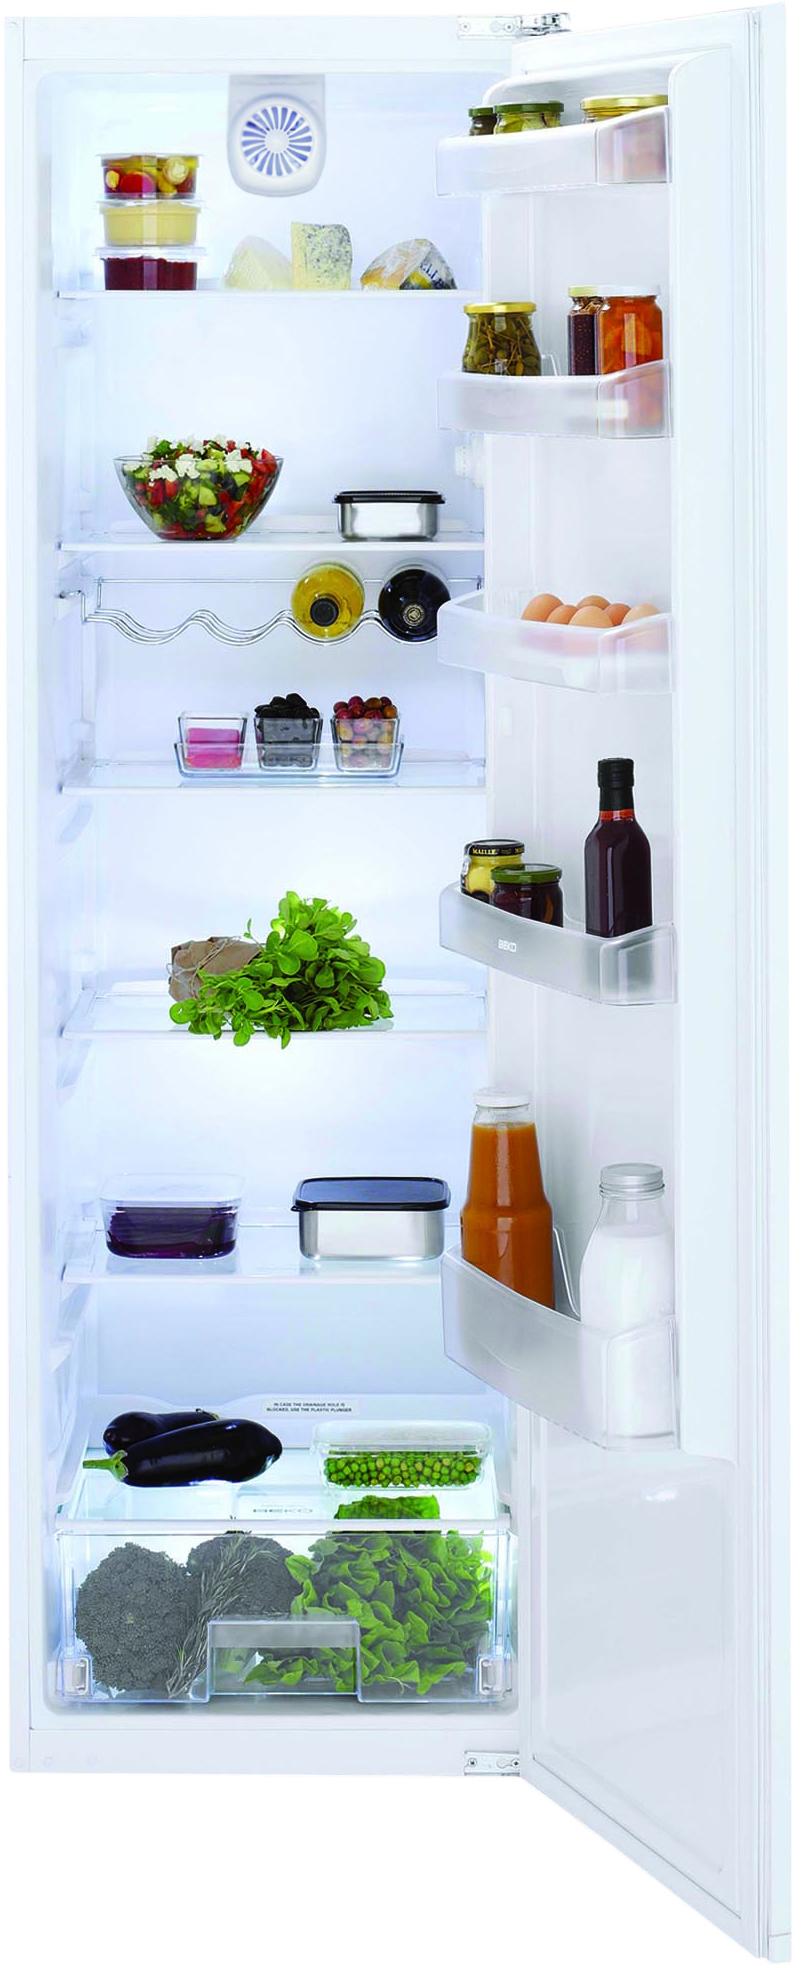 Réfrigérateur Congélateur Encastrable LBI Beko - Refrigerateur encastrable 1 porte